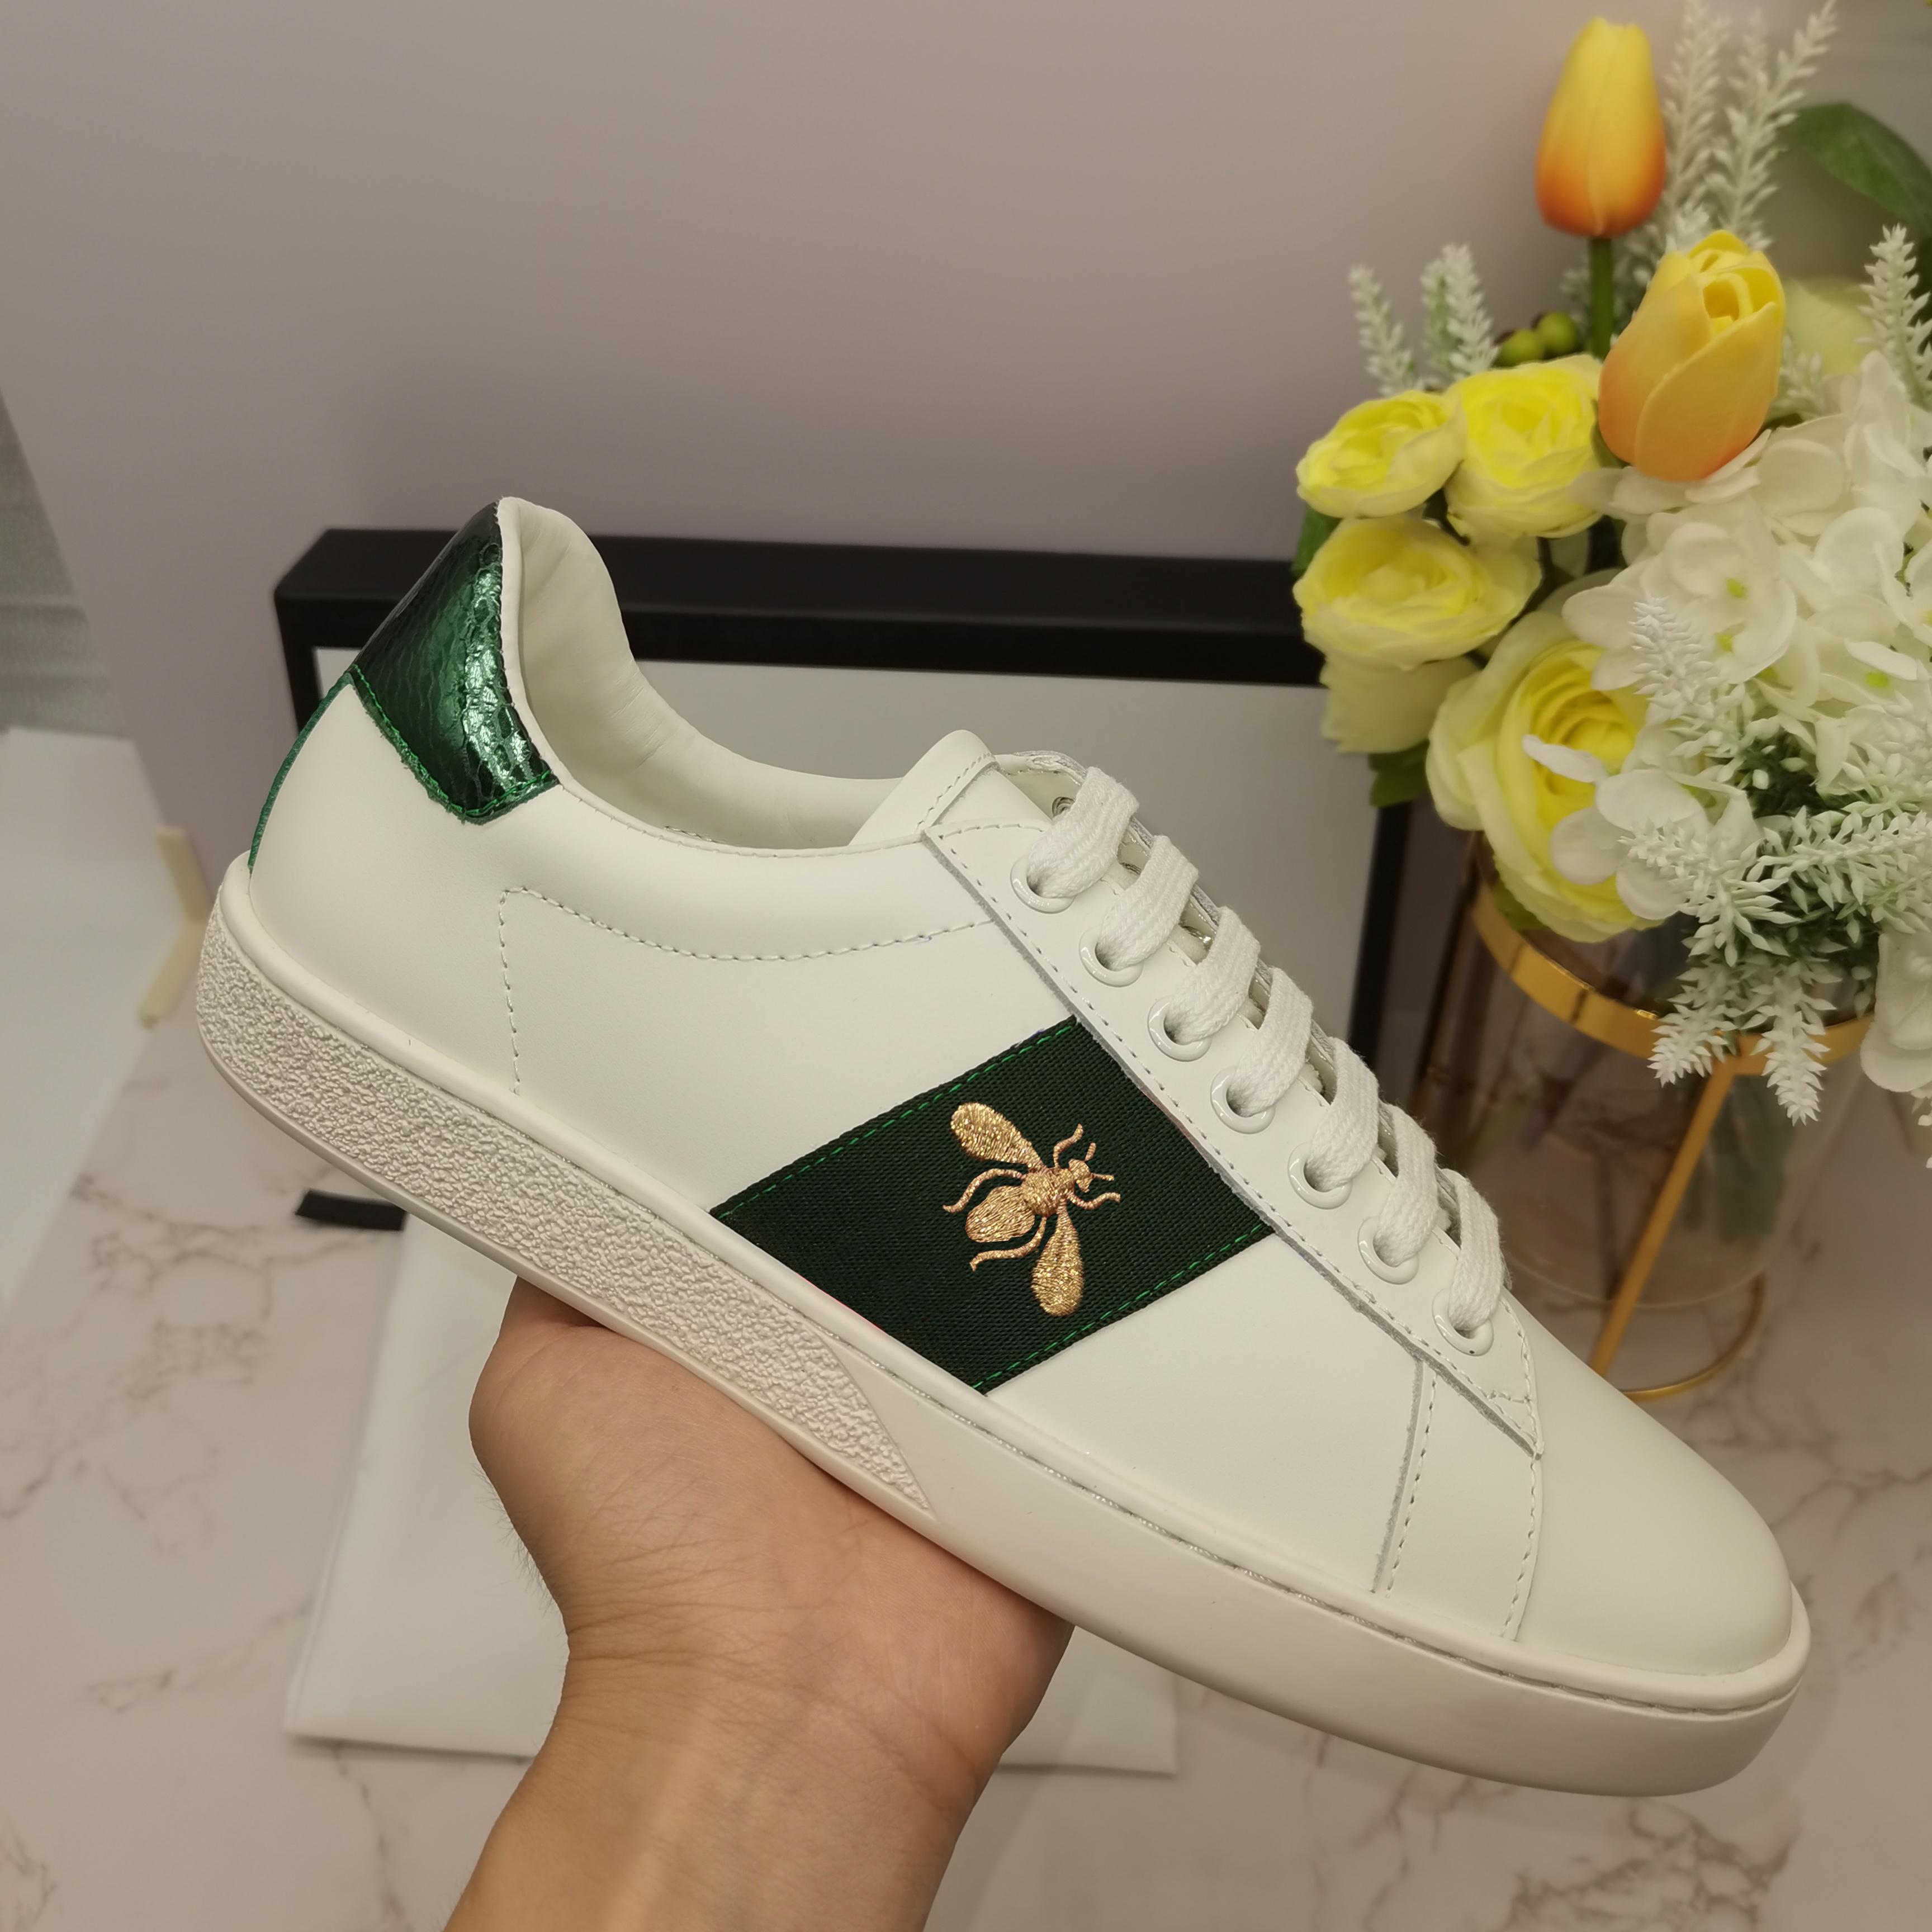 الرجال رخيصة النساء عارضة أحذية رياضة منخفضة أعلى جلد مطرز ايس أحذية النحل النمر المشارب حذاء المشي المدربين des chaussures